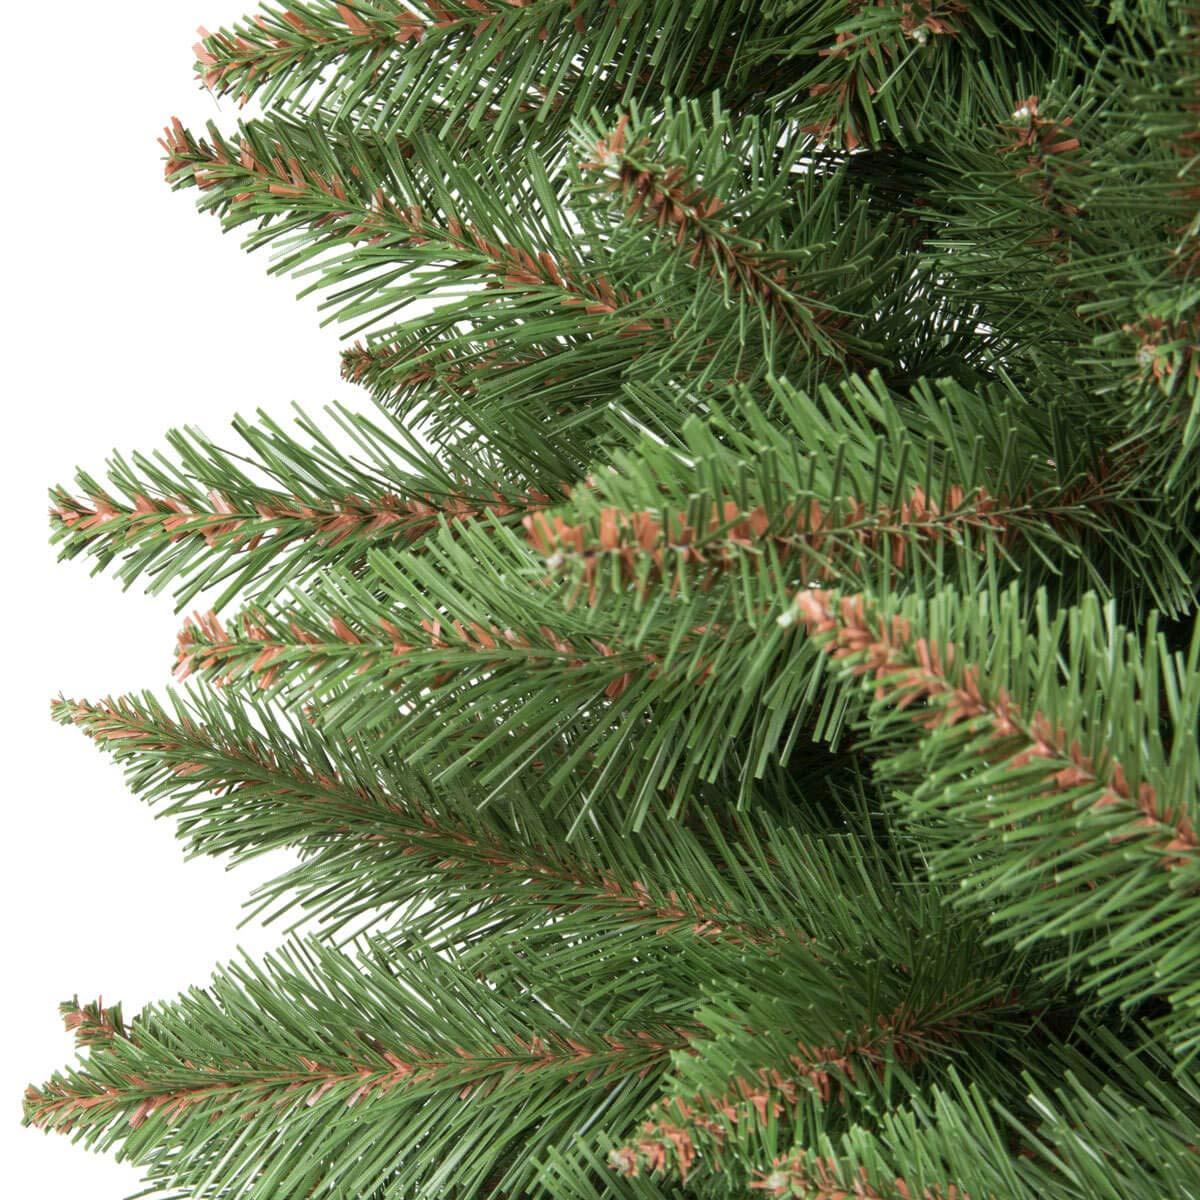 250cm FairyTrees Arbre Sapin Artificiel de No/êl EPIC/ÉA Naturel Mati/ère PVC FT01-250 Tronc Vert Socle en Bois